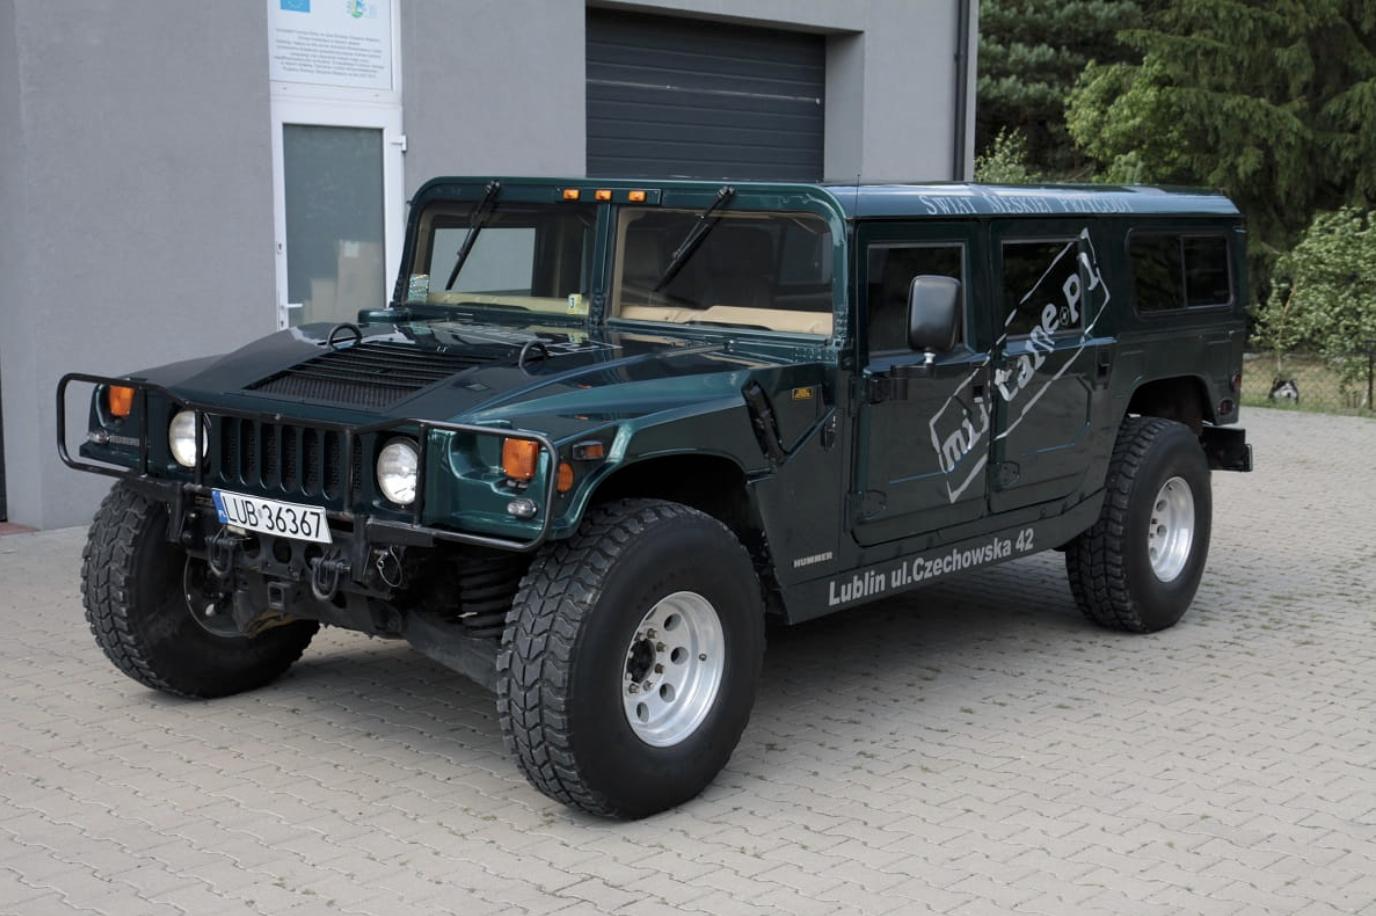 Militarne.pl sprzedaje swojego Hummera H1. Auto robi wrażenie, podobnie jak jego cena